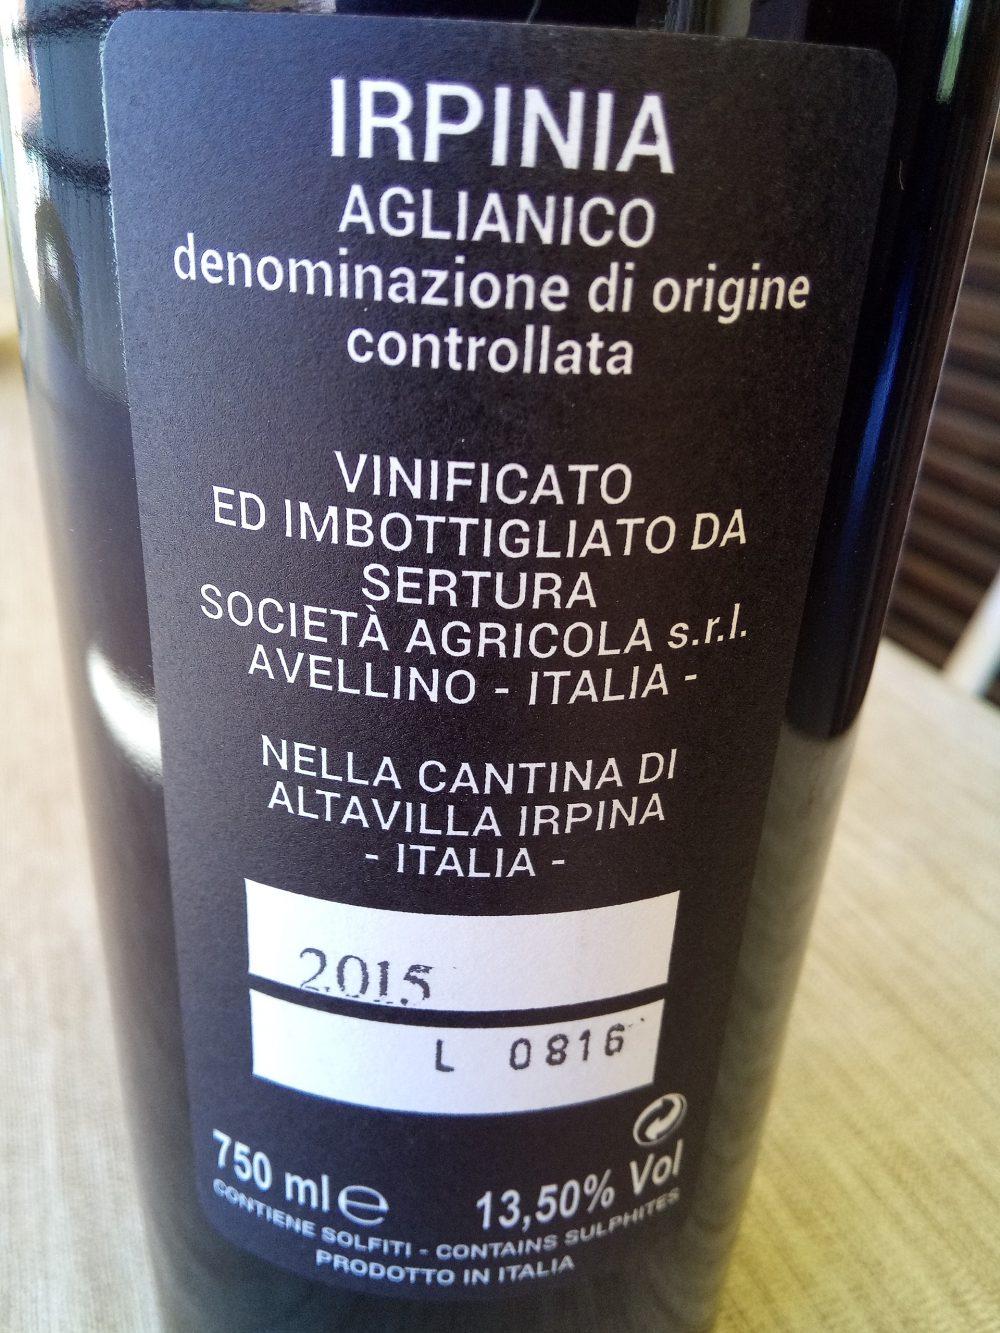 Controetichetta - Irpinia Aglianico Doc 2015 Sertura